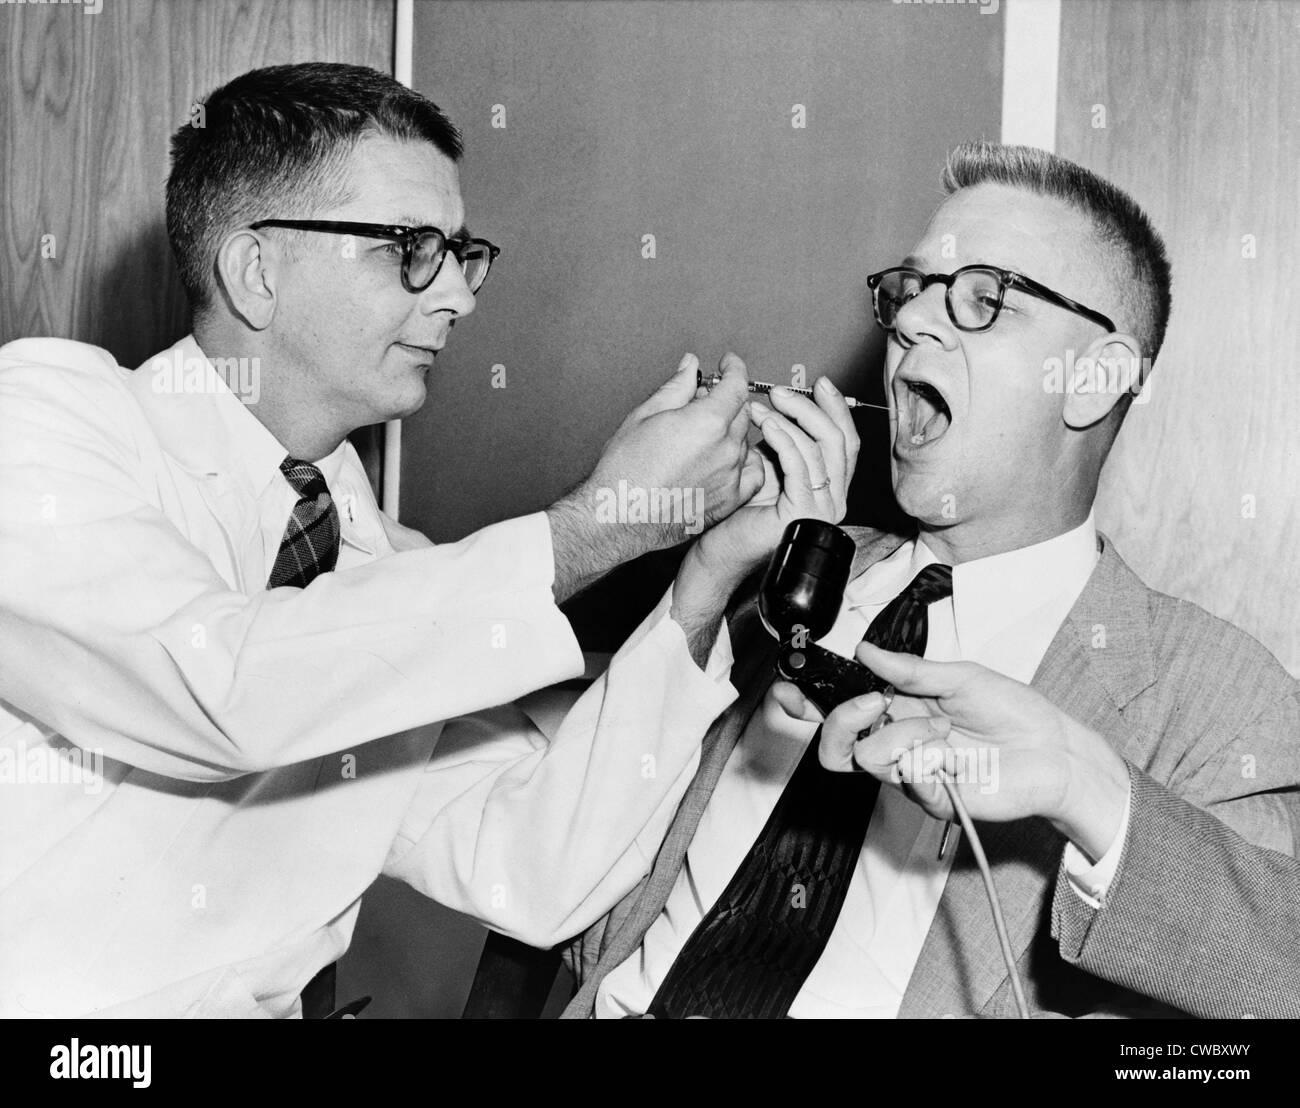 Dr. Harry L. Williams spritzt LSD aus einer Spritze in den Mund des Carl Curt Pfeiffer, M.D., Ph.d. (1908-1988) Stockbild